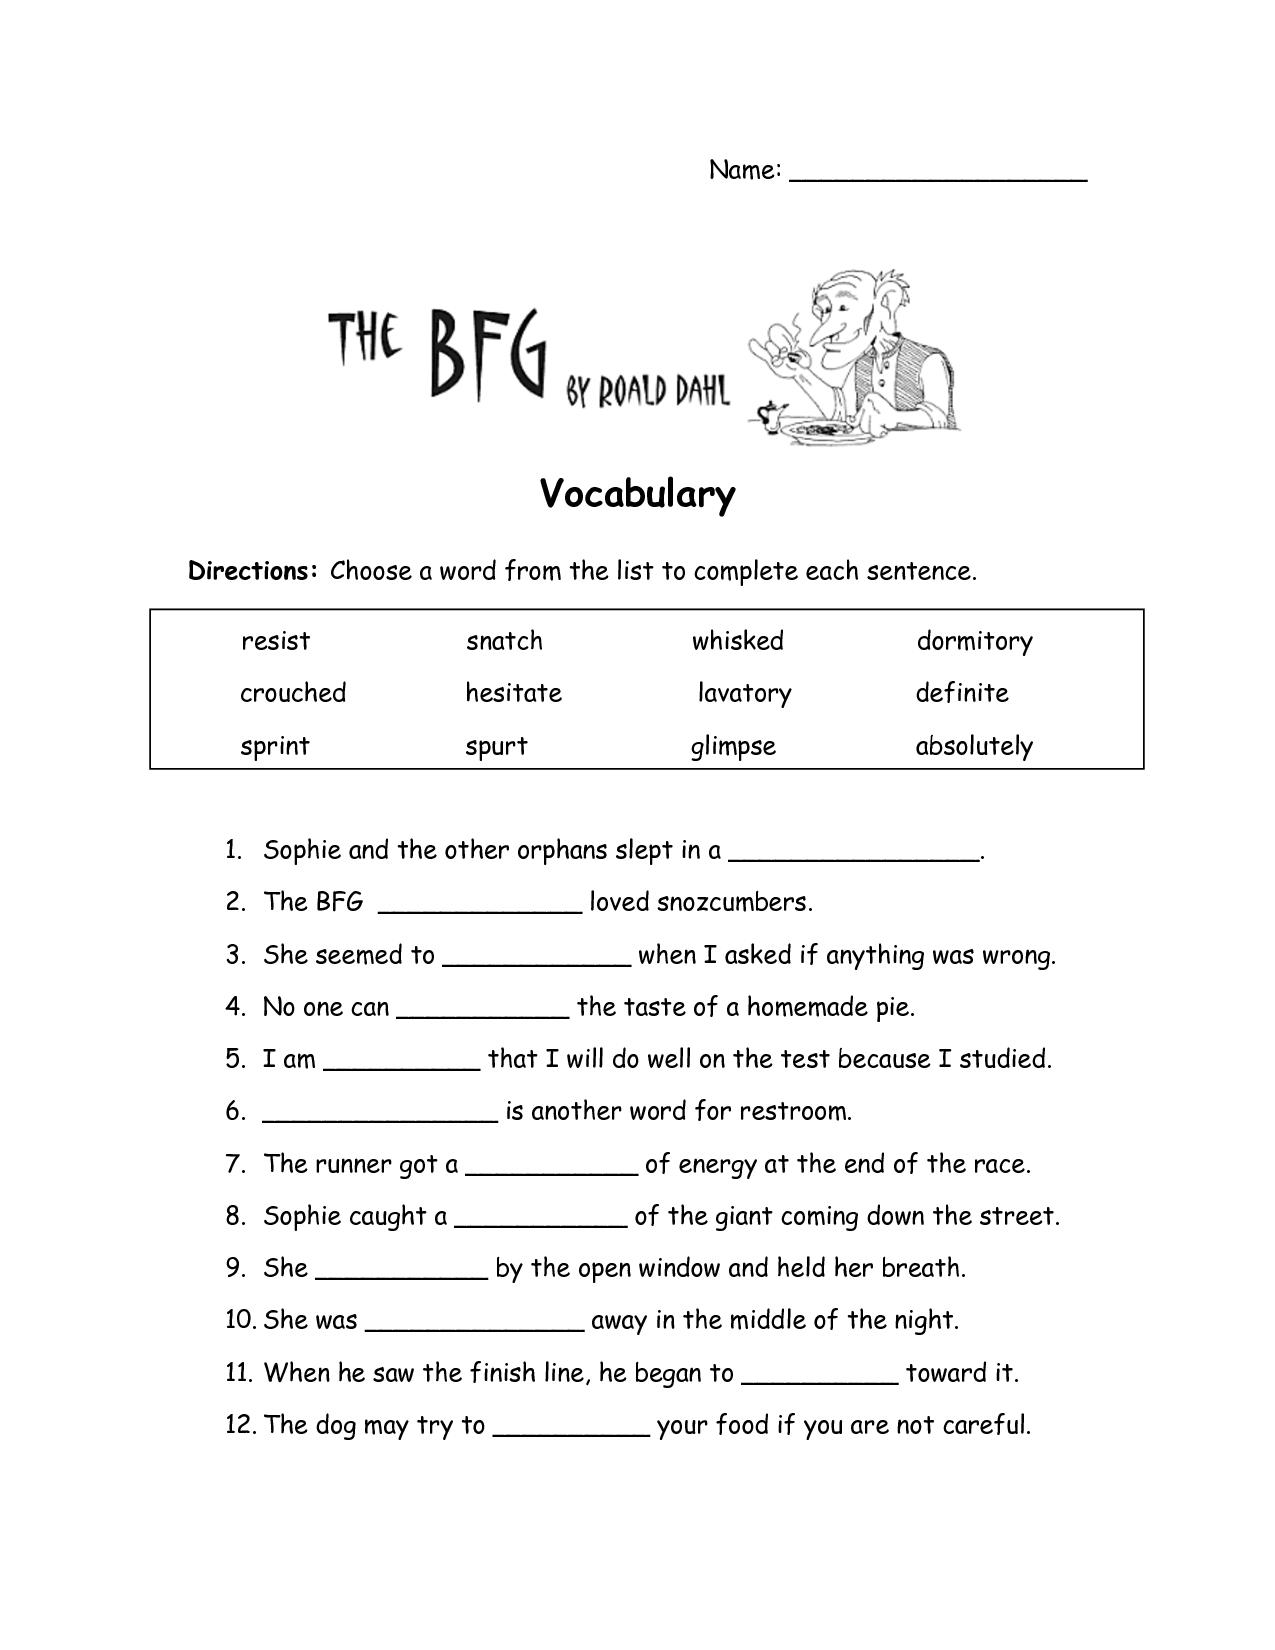 The Bfg Worksheets | The Bfg Vocabulary Worksheet | Education Items | Grade 3 Vocabulary Worksheets Printable